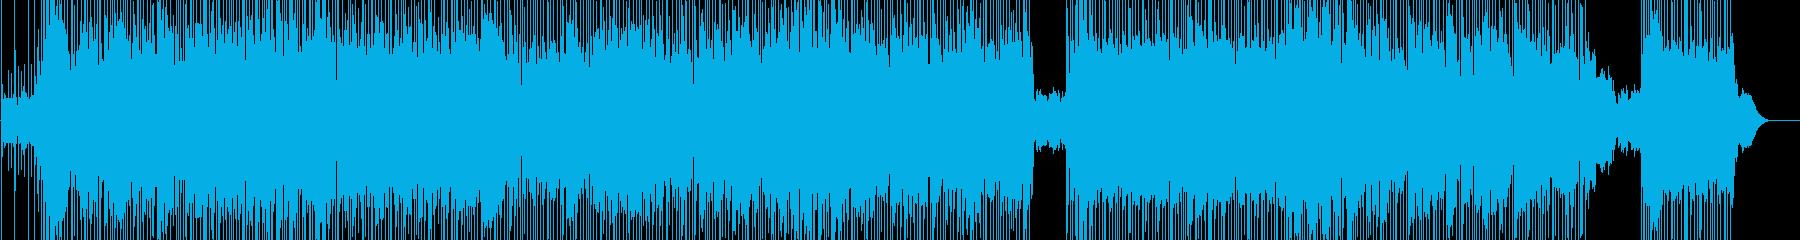 女性Vo 軽快でアップテンポなラブソングの再生済みの波形